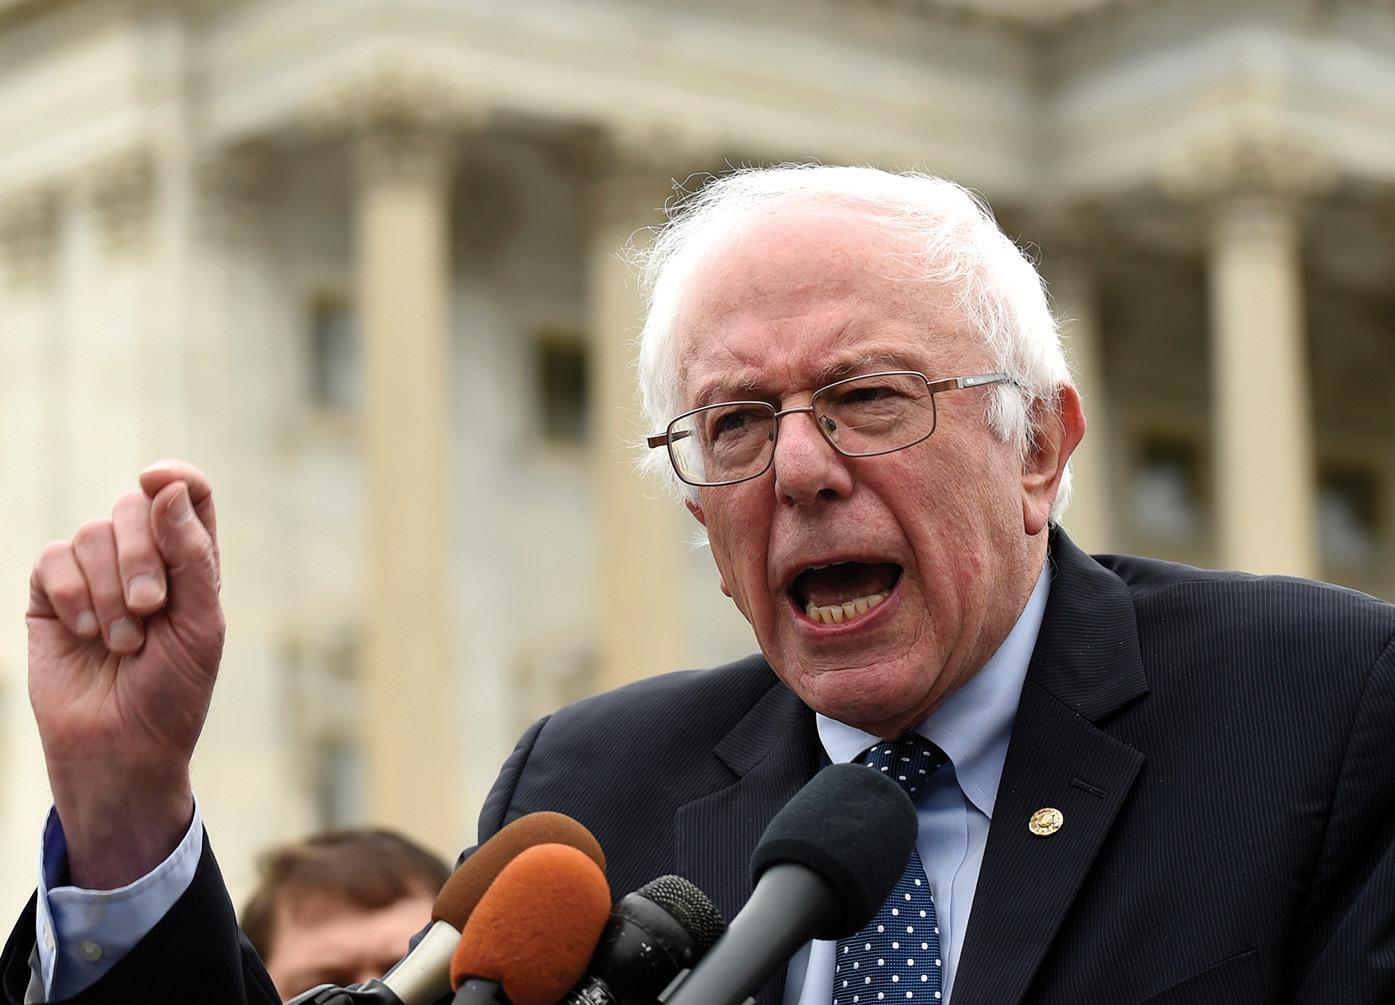 Forget Ben & Jerry's – Vermont has Bernie Sanders.